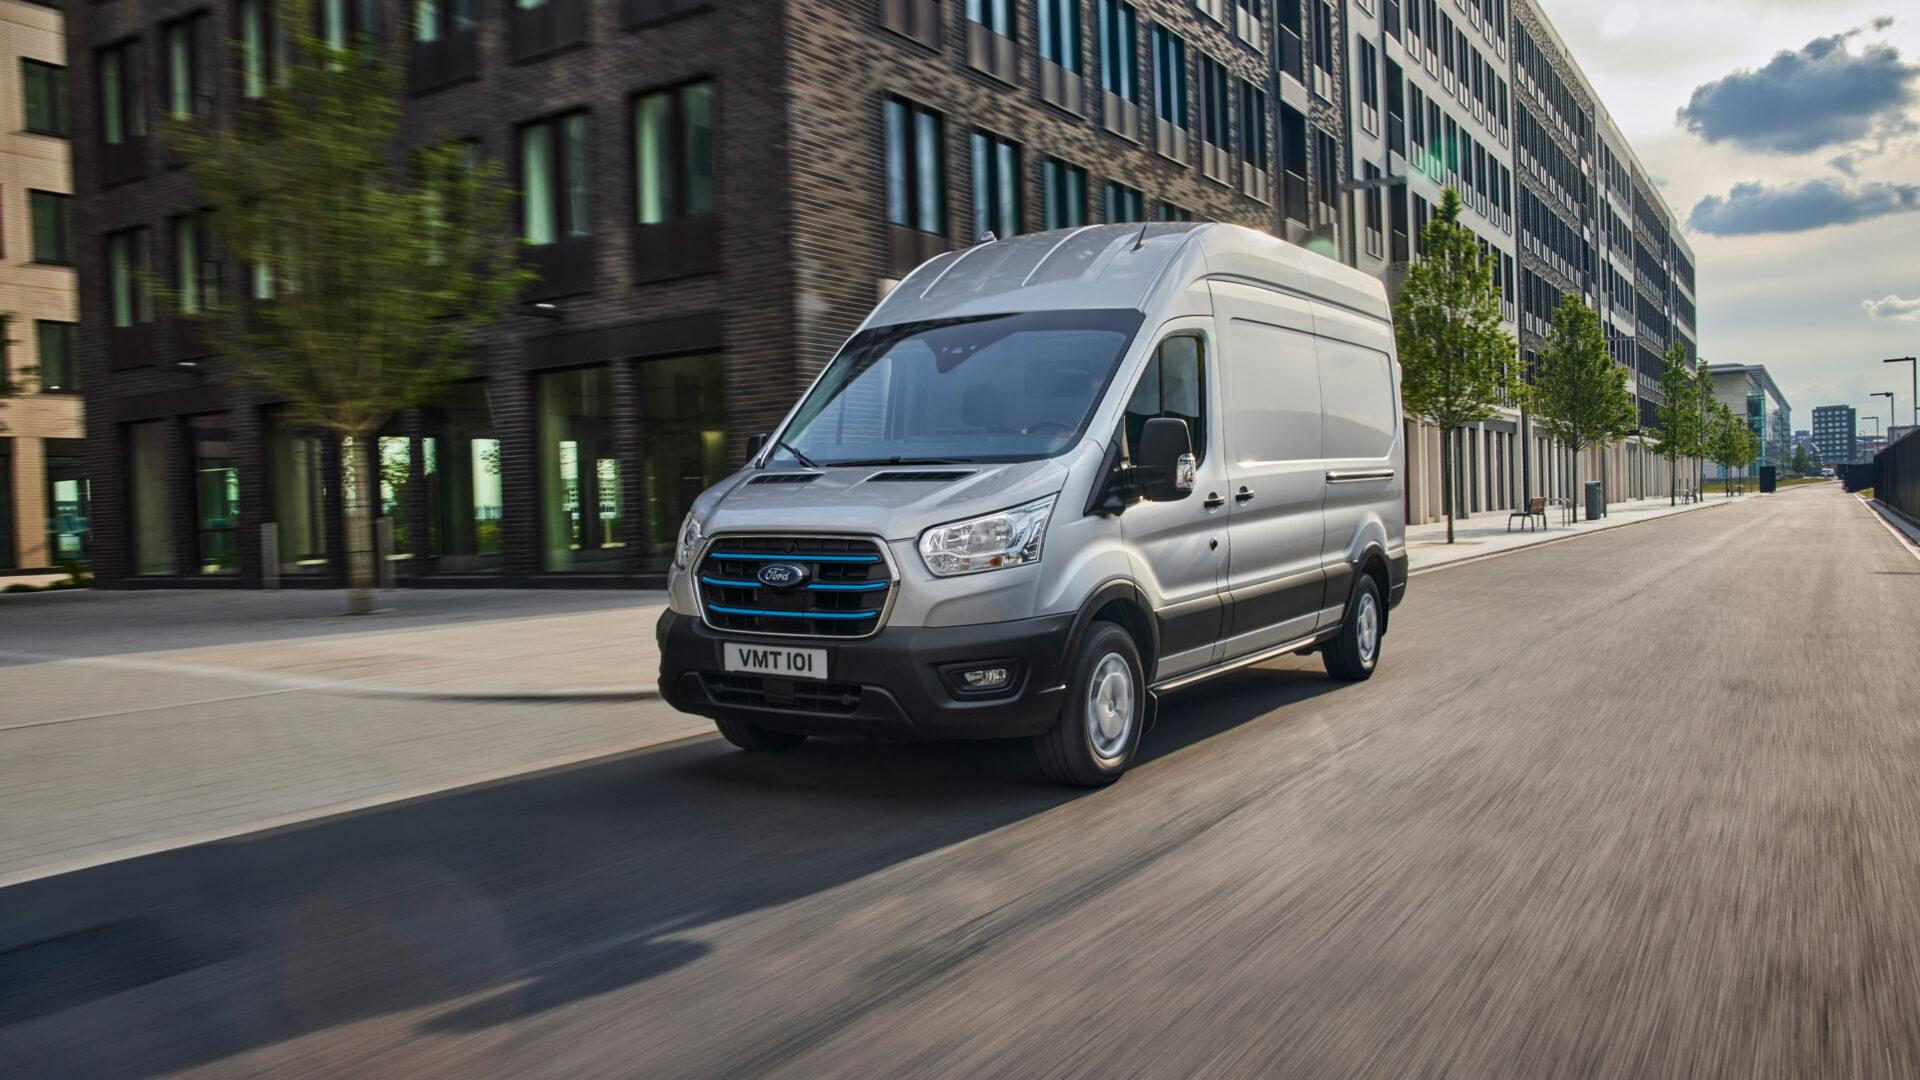 La nueva Ford Transit eléctrica apunta a convertirse en una de las referencias gracias a su autonomía, soporte de carga y dotación tecnológica